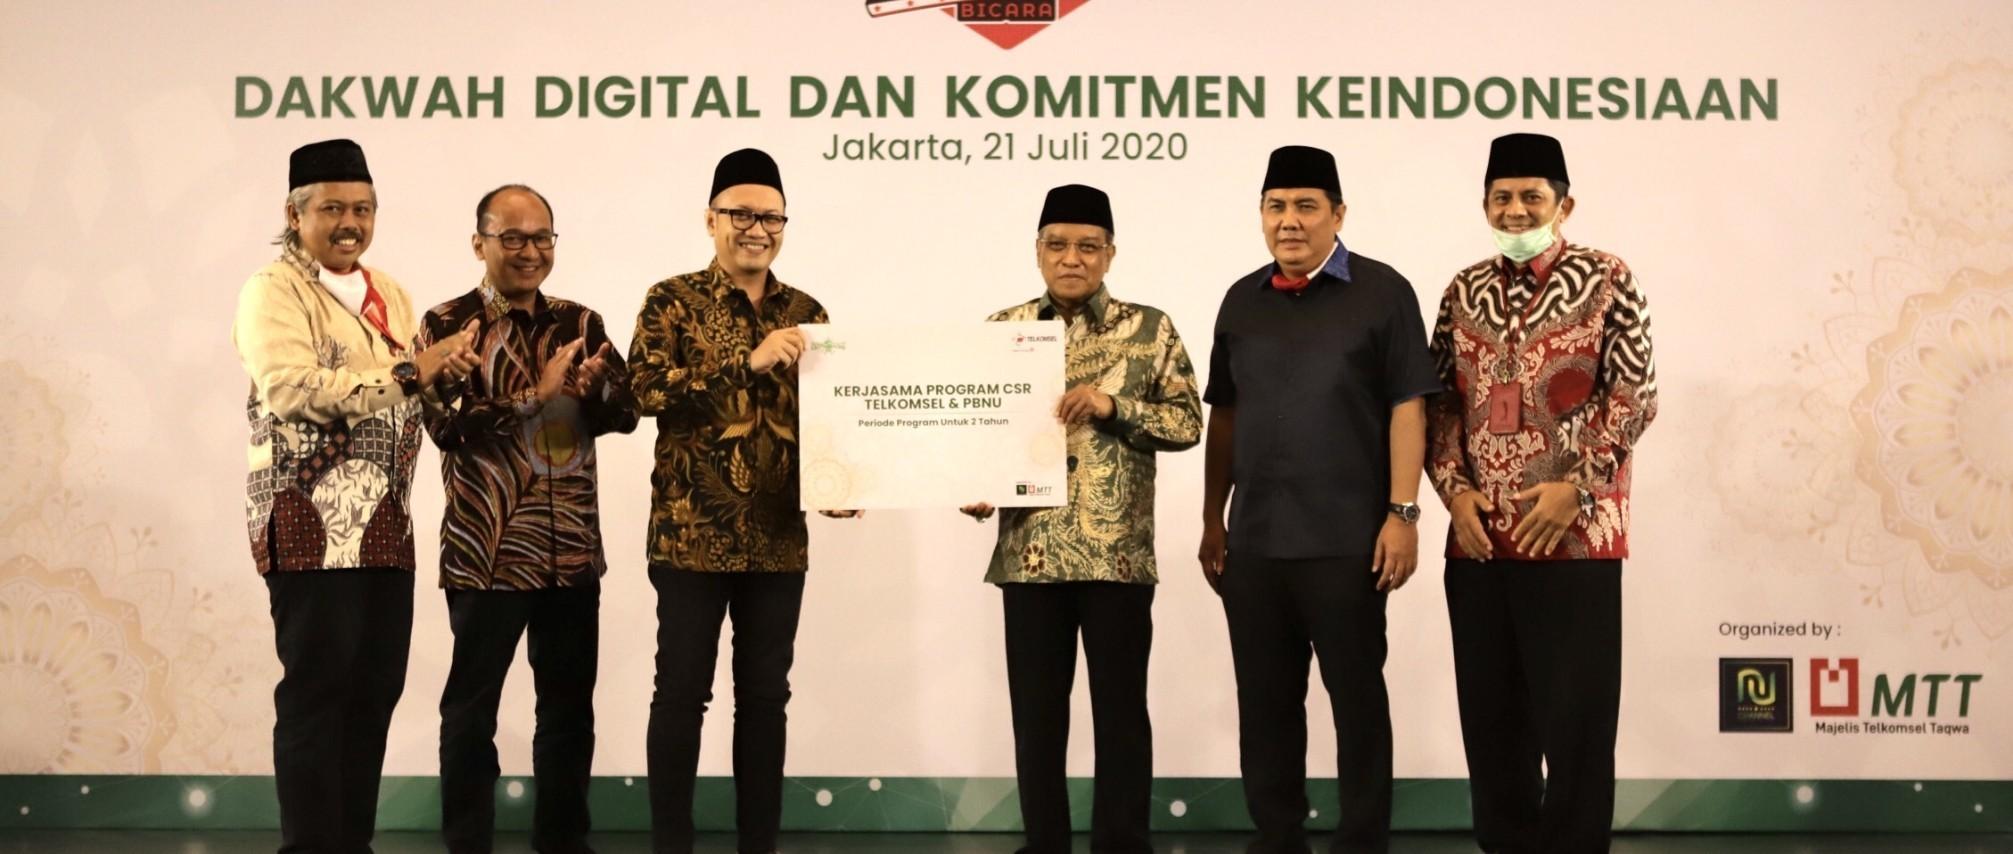 Kolaborasi Telkomsel, PB NU Hadirkan Program Menjaga Nilai Keindonesian dan Kerohanian